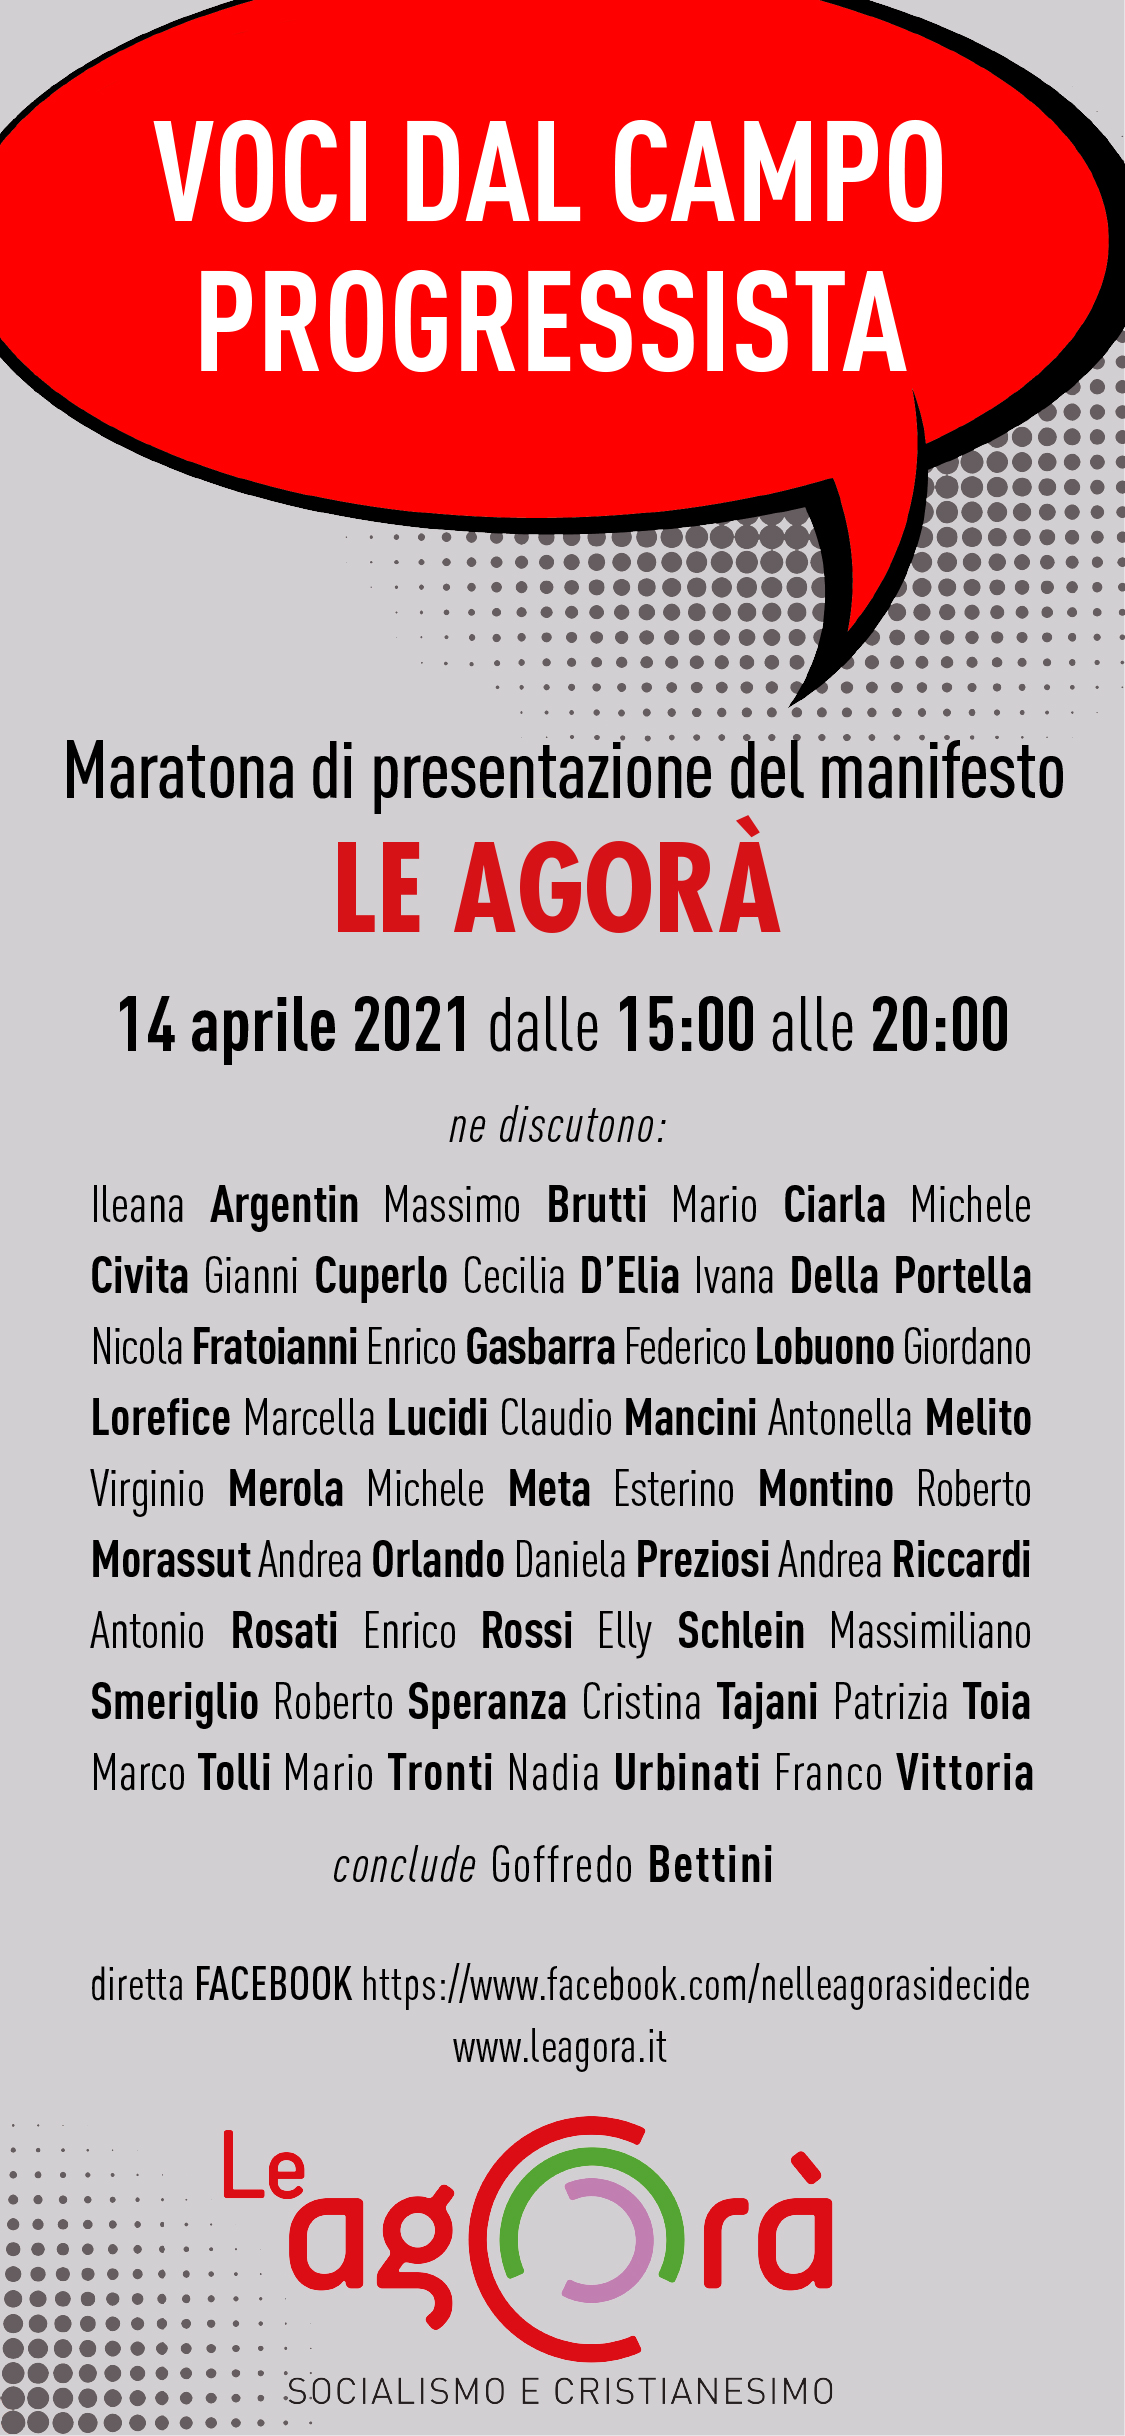 Maratona di presentazione del manifesto: Le Agorà - Voci dal campo progressista